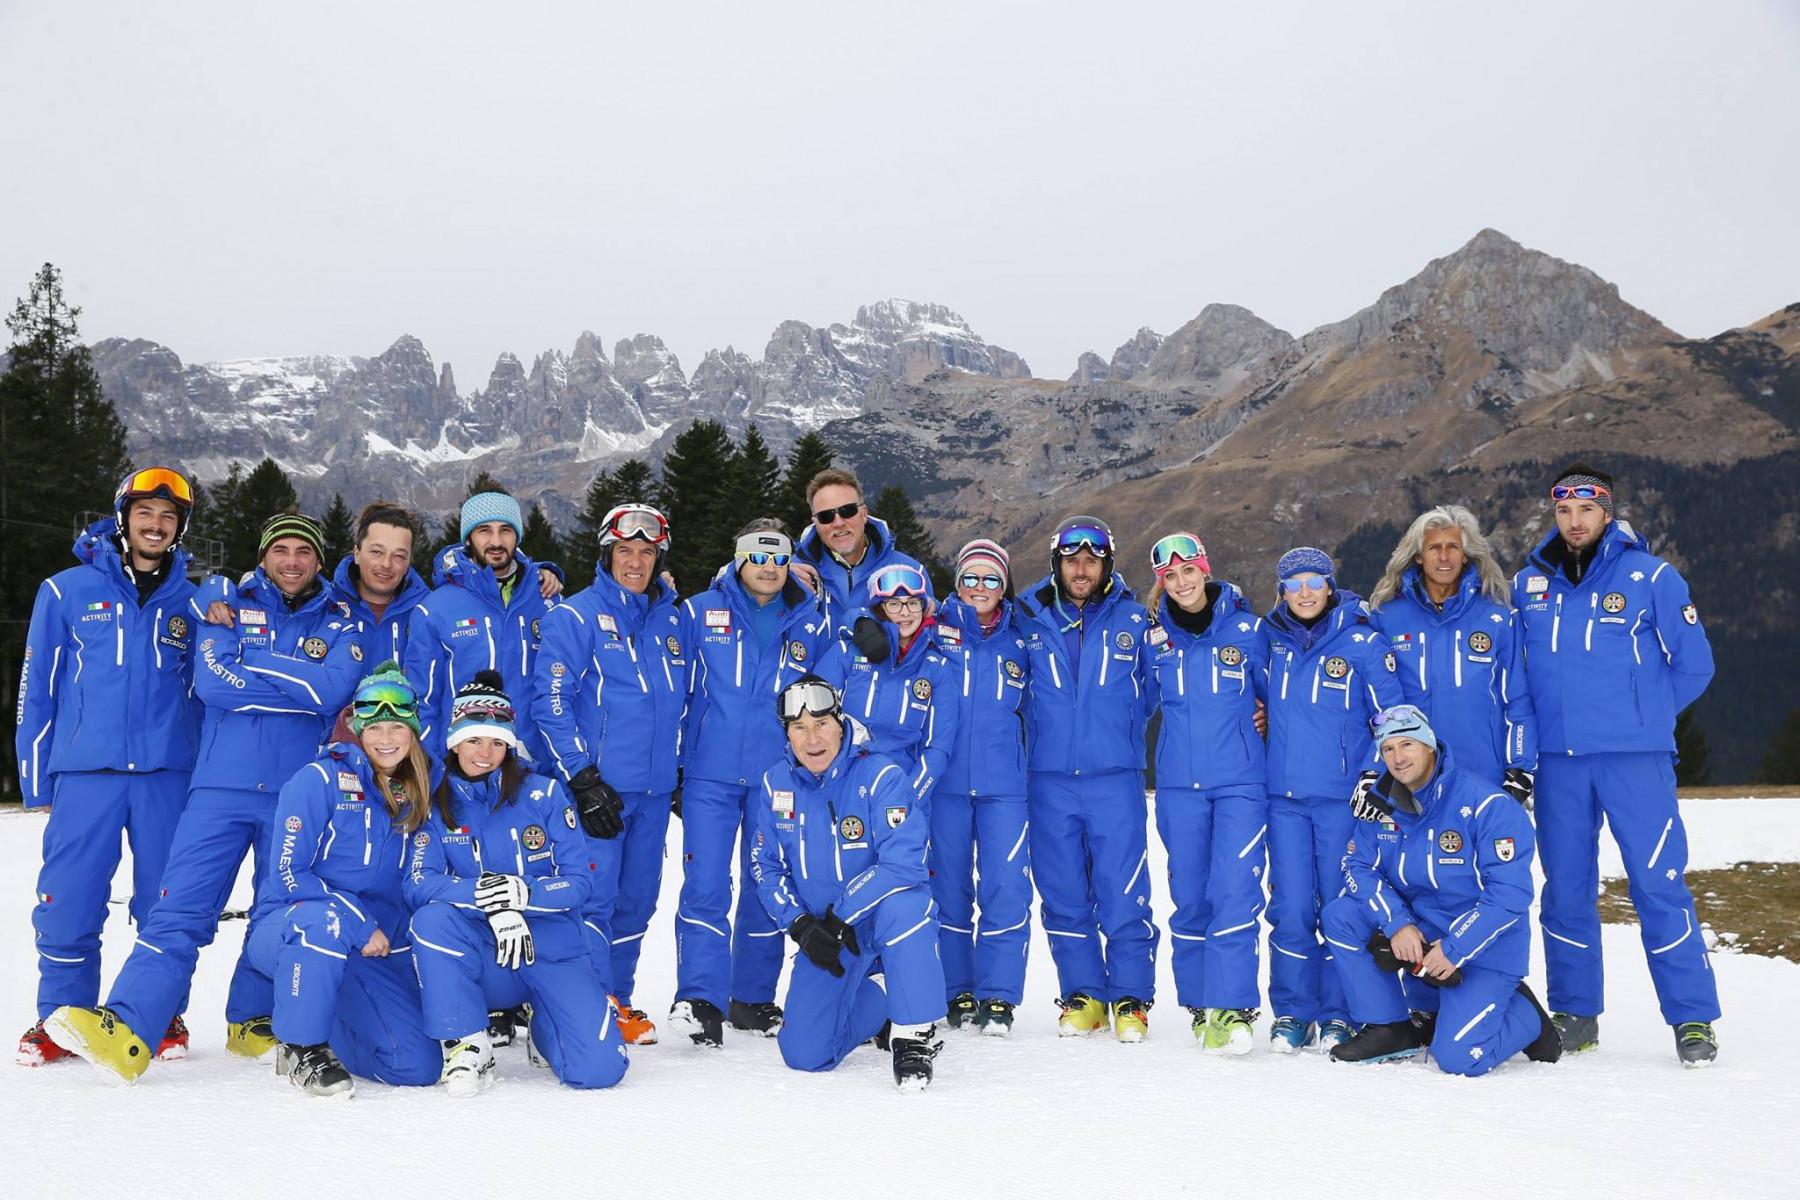 Corso collettivo di sci per adulti intermedi e avanzati ad Andalo